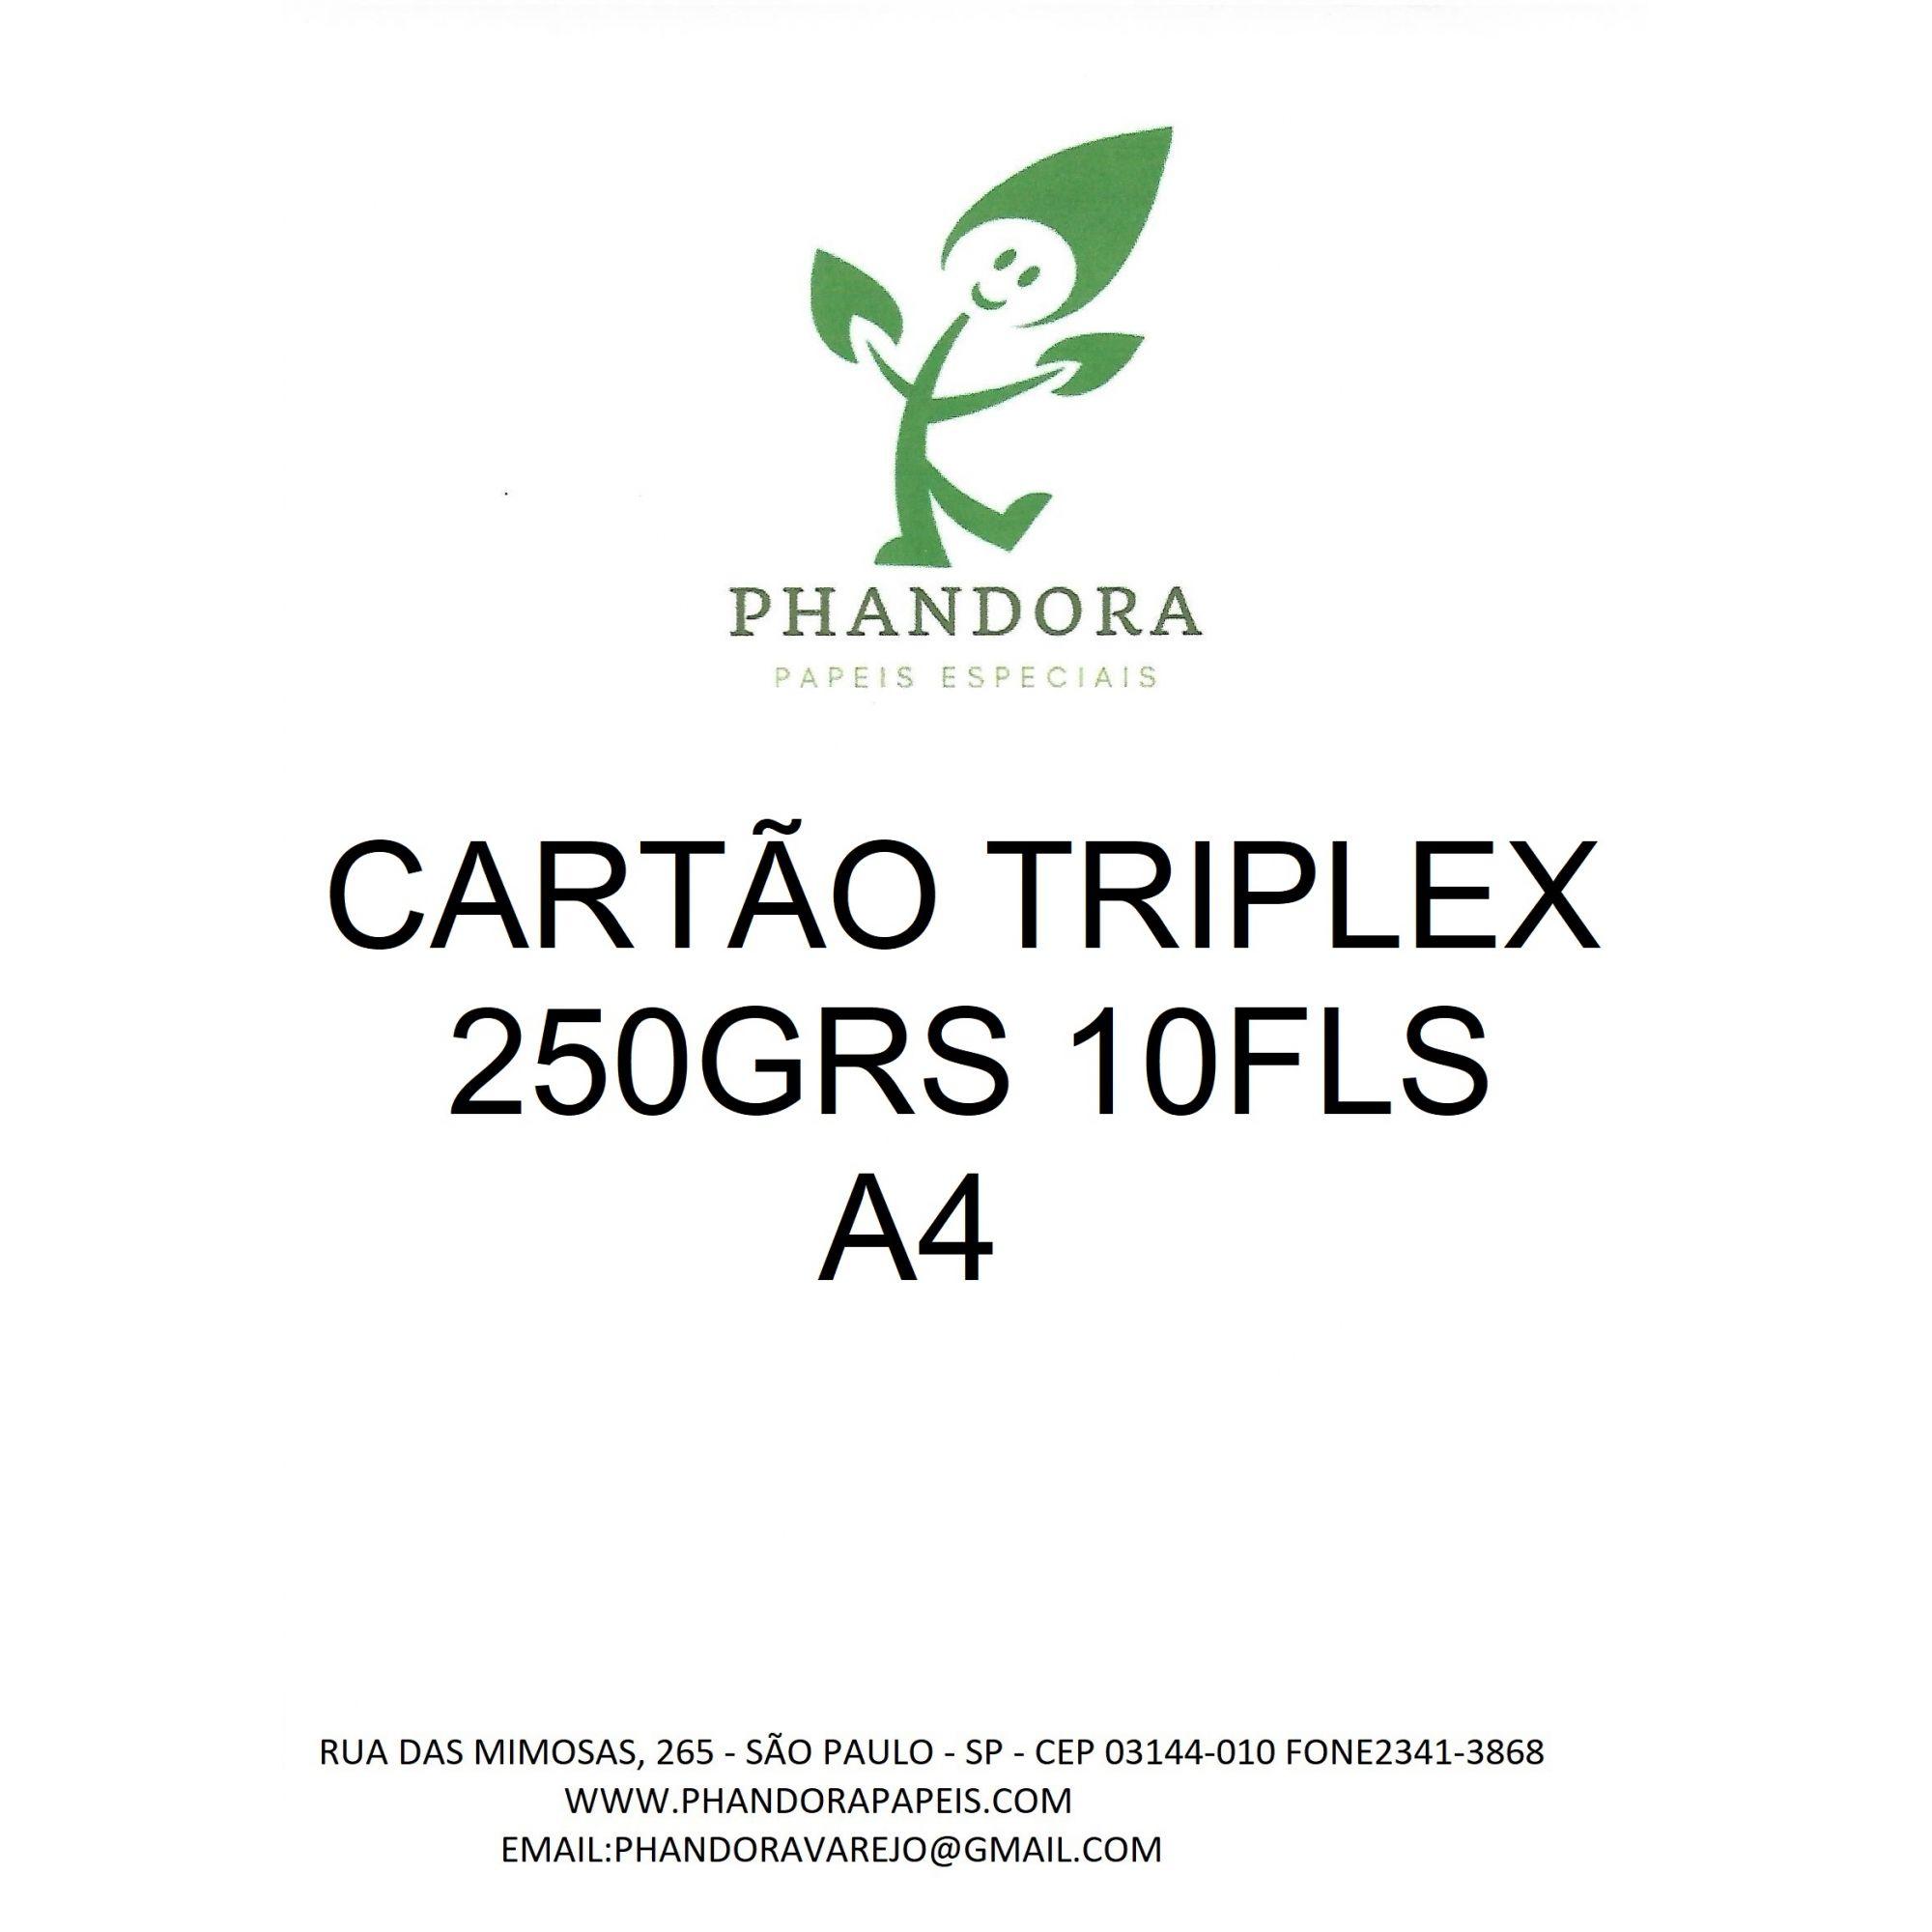 Papel Cartão Triplex 250g a4 embalagem 10 flolhas phandora